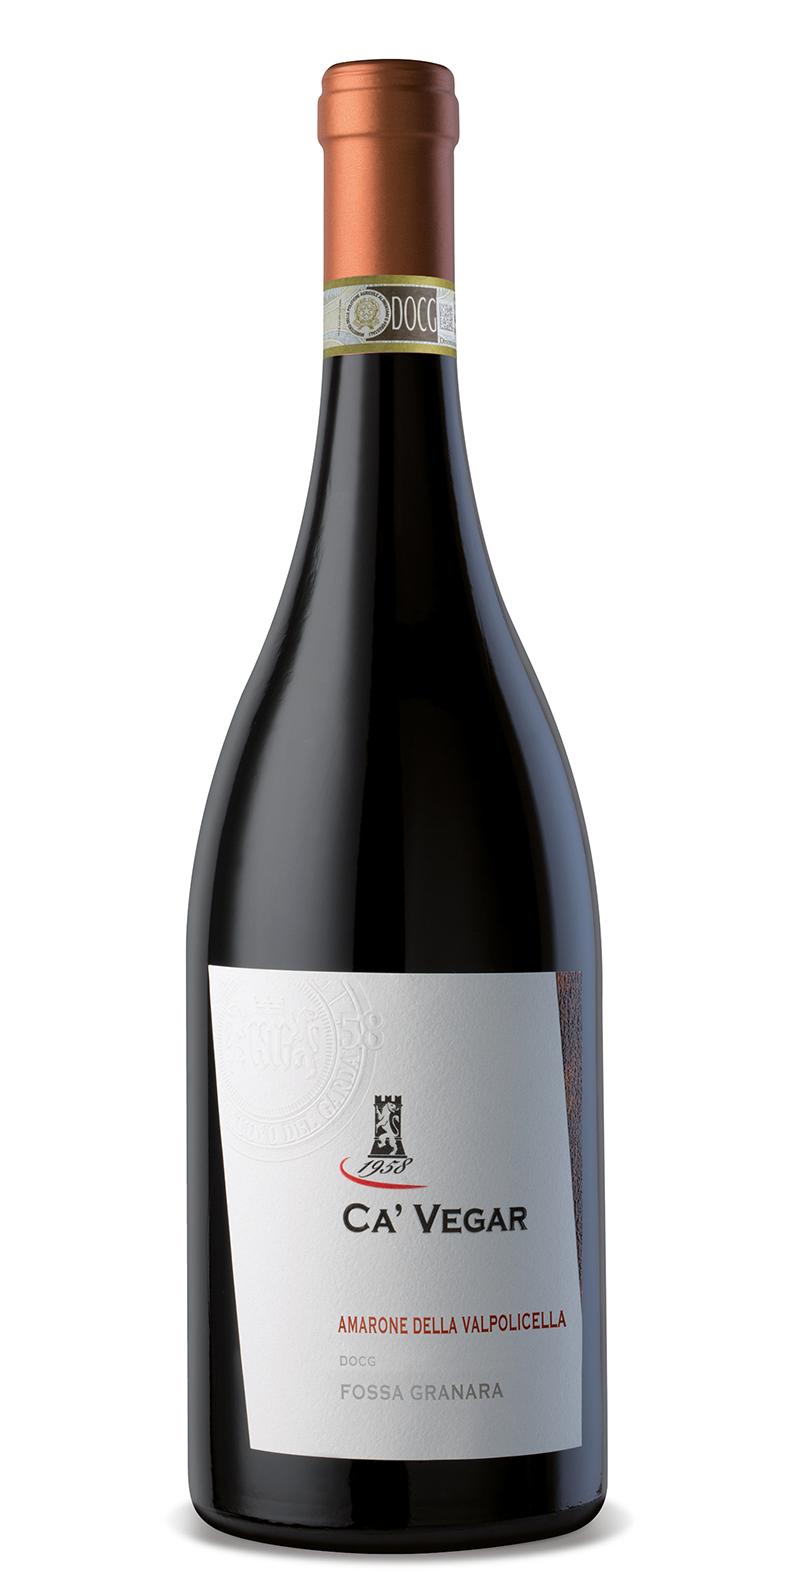 Amarone della Valpolicella - Ca' vegar - cantina castelnuovo